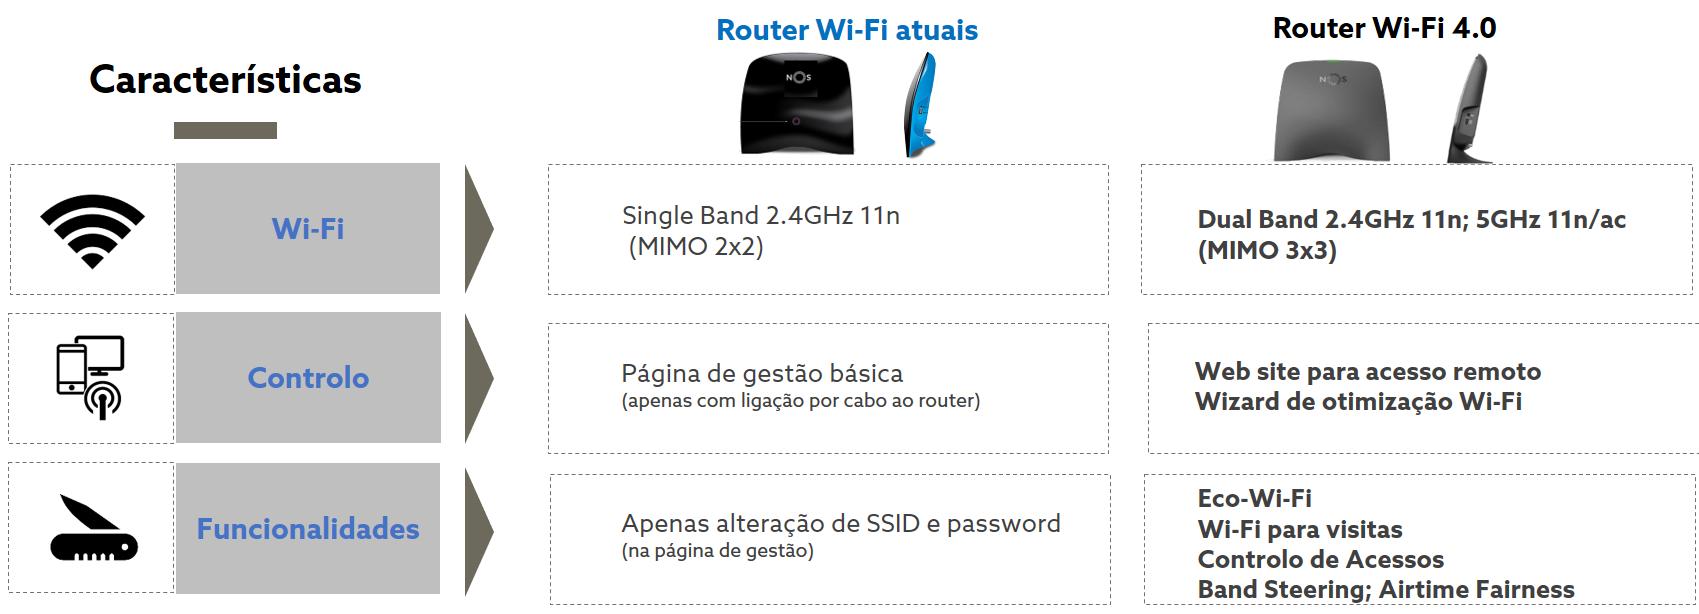 É cliente NOS? Então conheça o novo router Wi-Fi 4 0 - Pplware